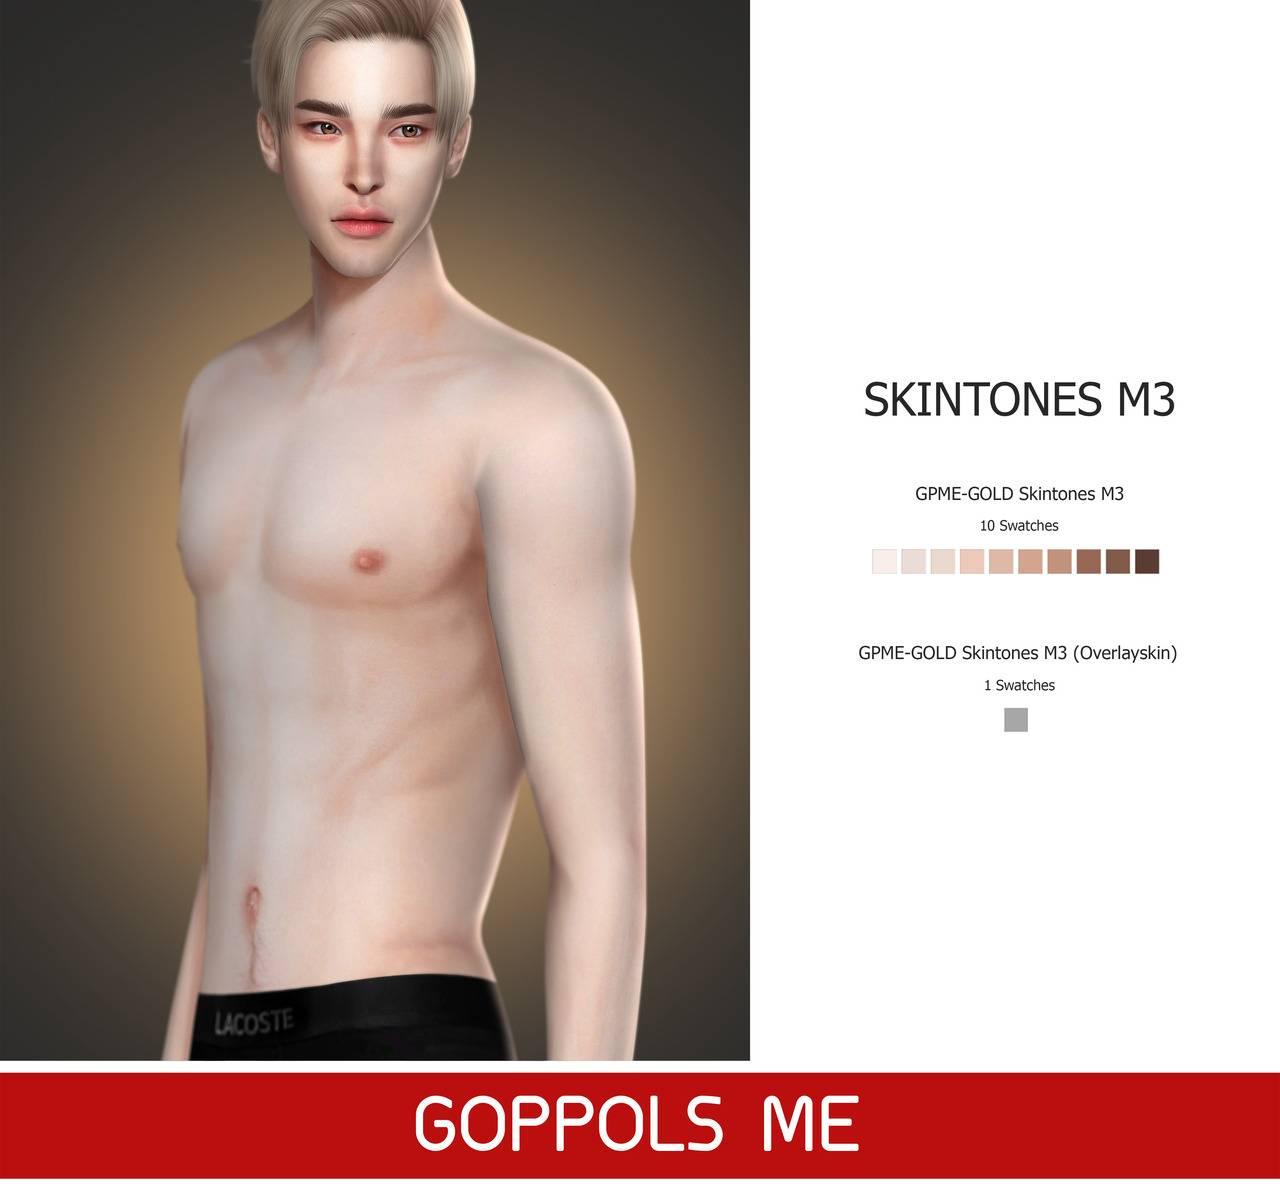 Мужской скинтон - Skintones M3